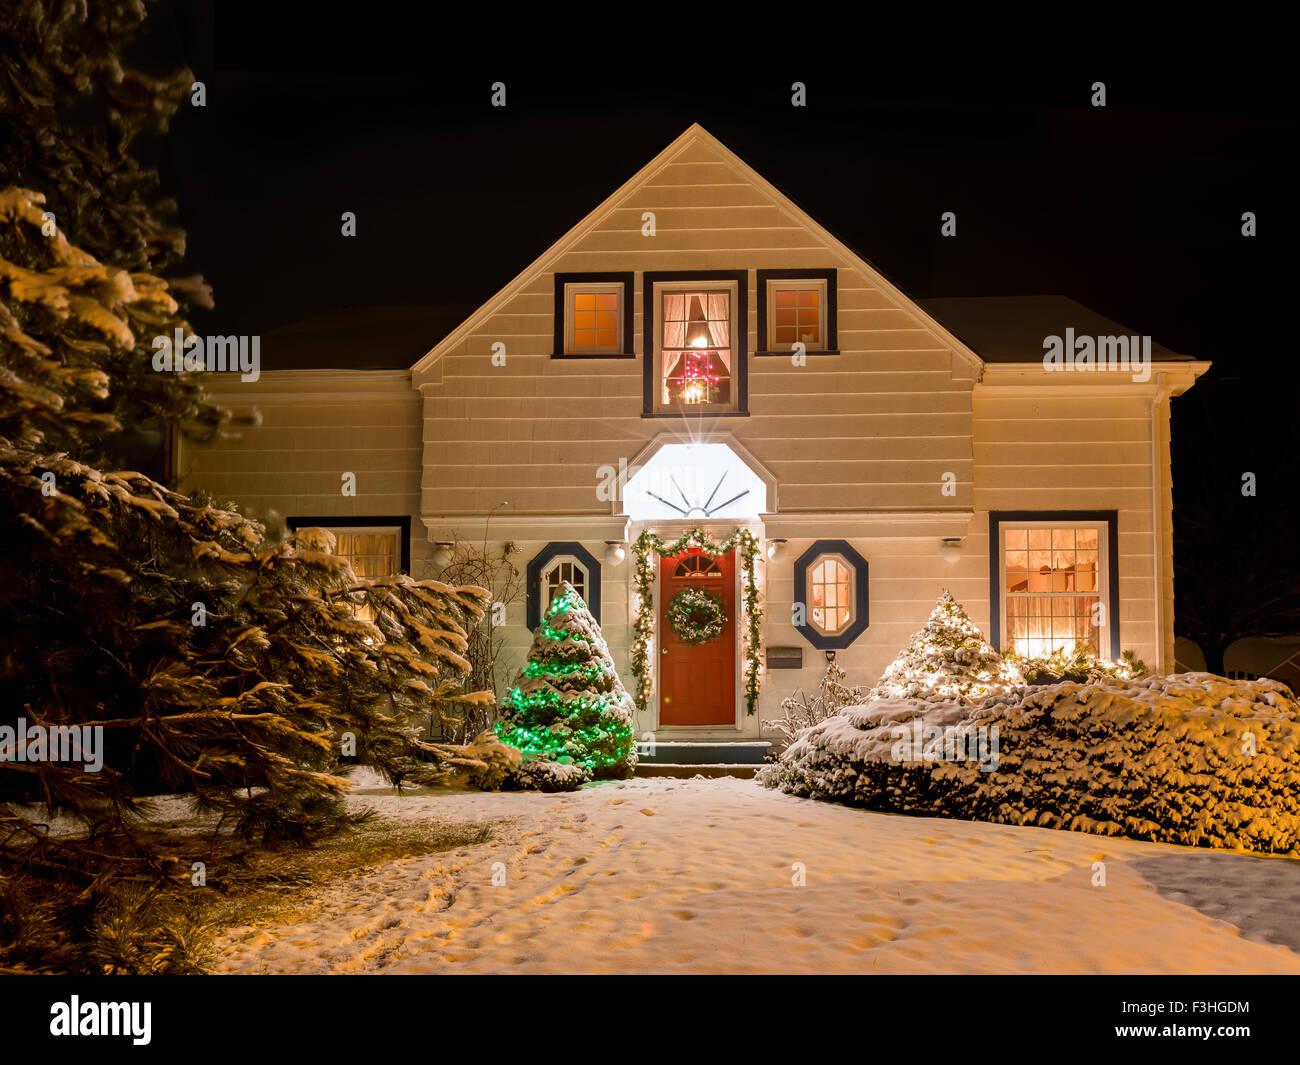 Una casa decorada con una corona, garland y luces de Navidad en una clara noche de invierno. Imagen De Stock